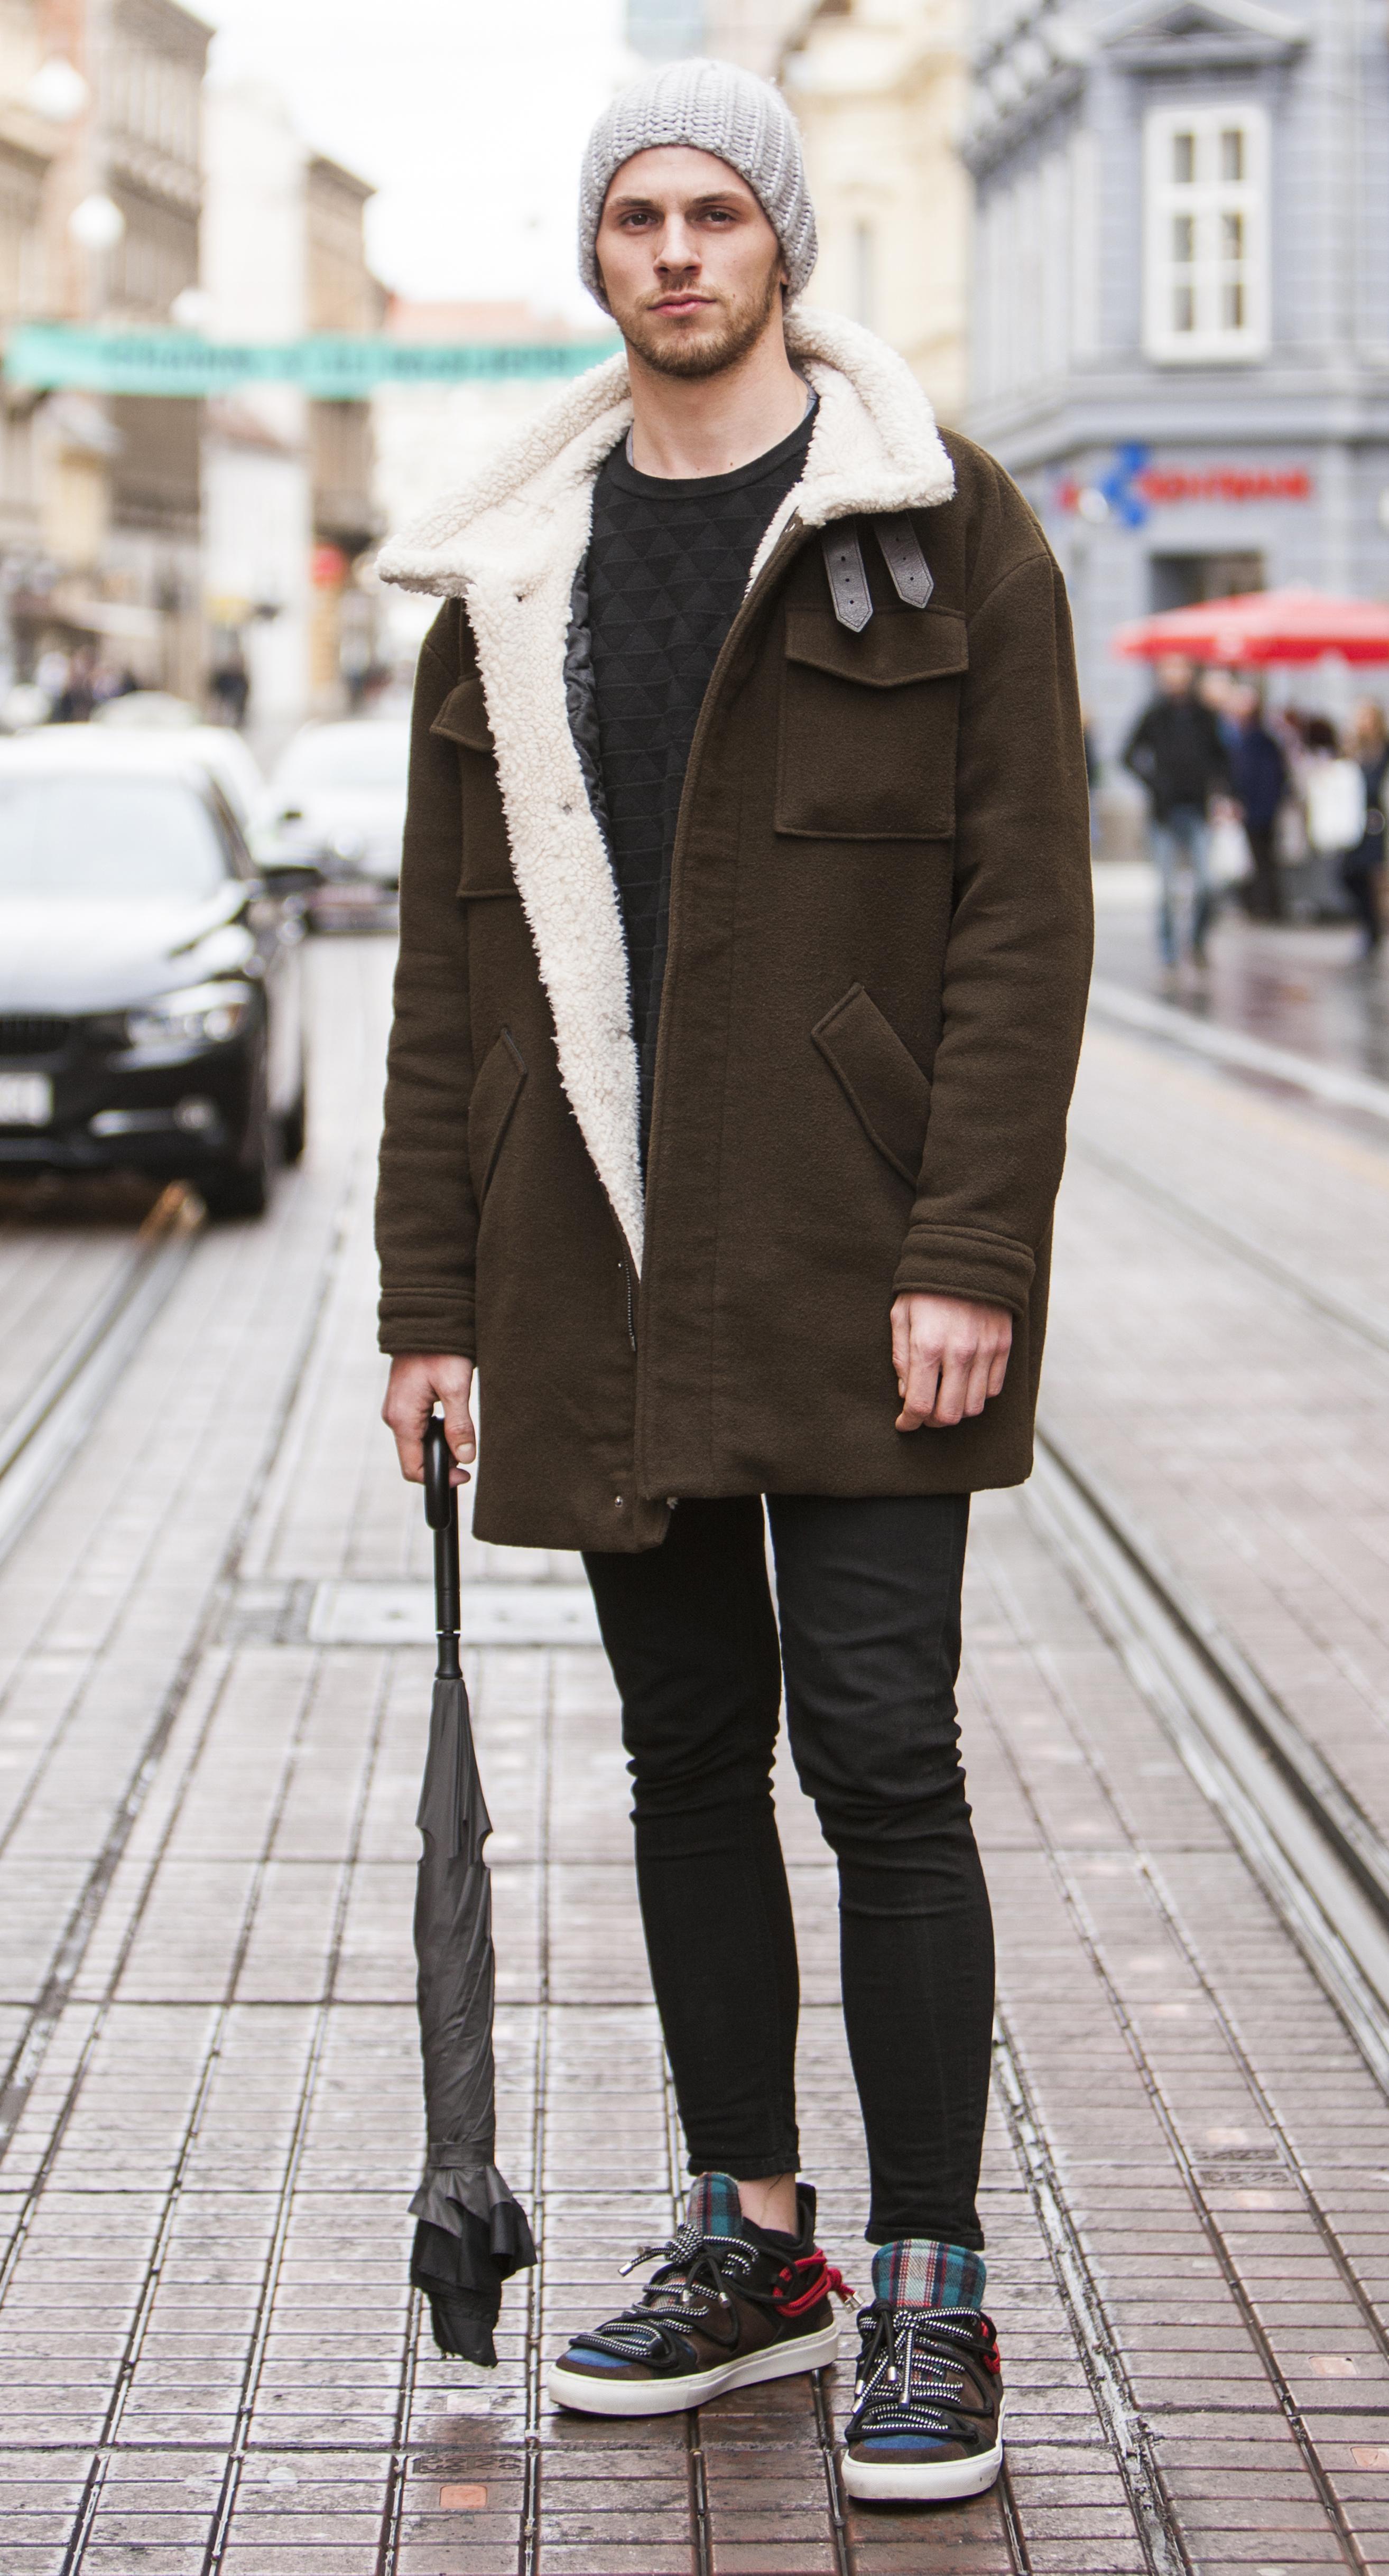 Ovaj frajer zna kako s jednostavnim komadima napraviti odličan outfit